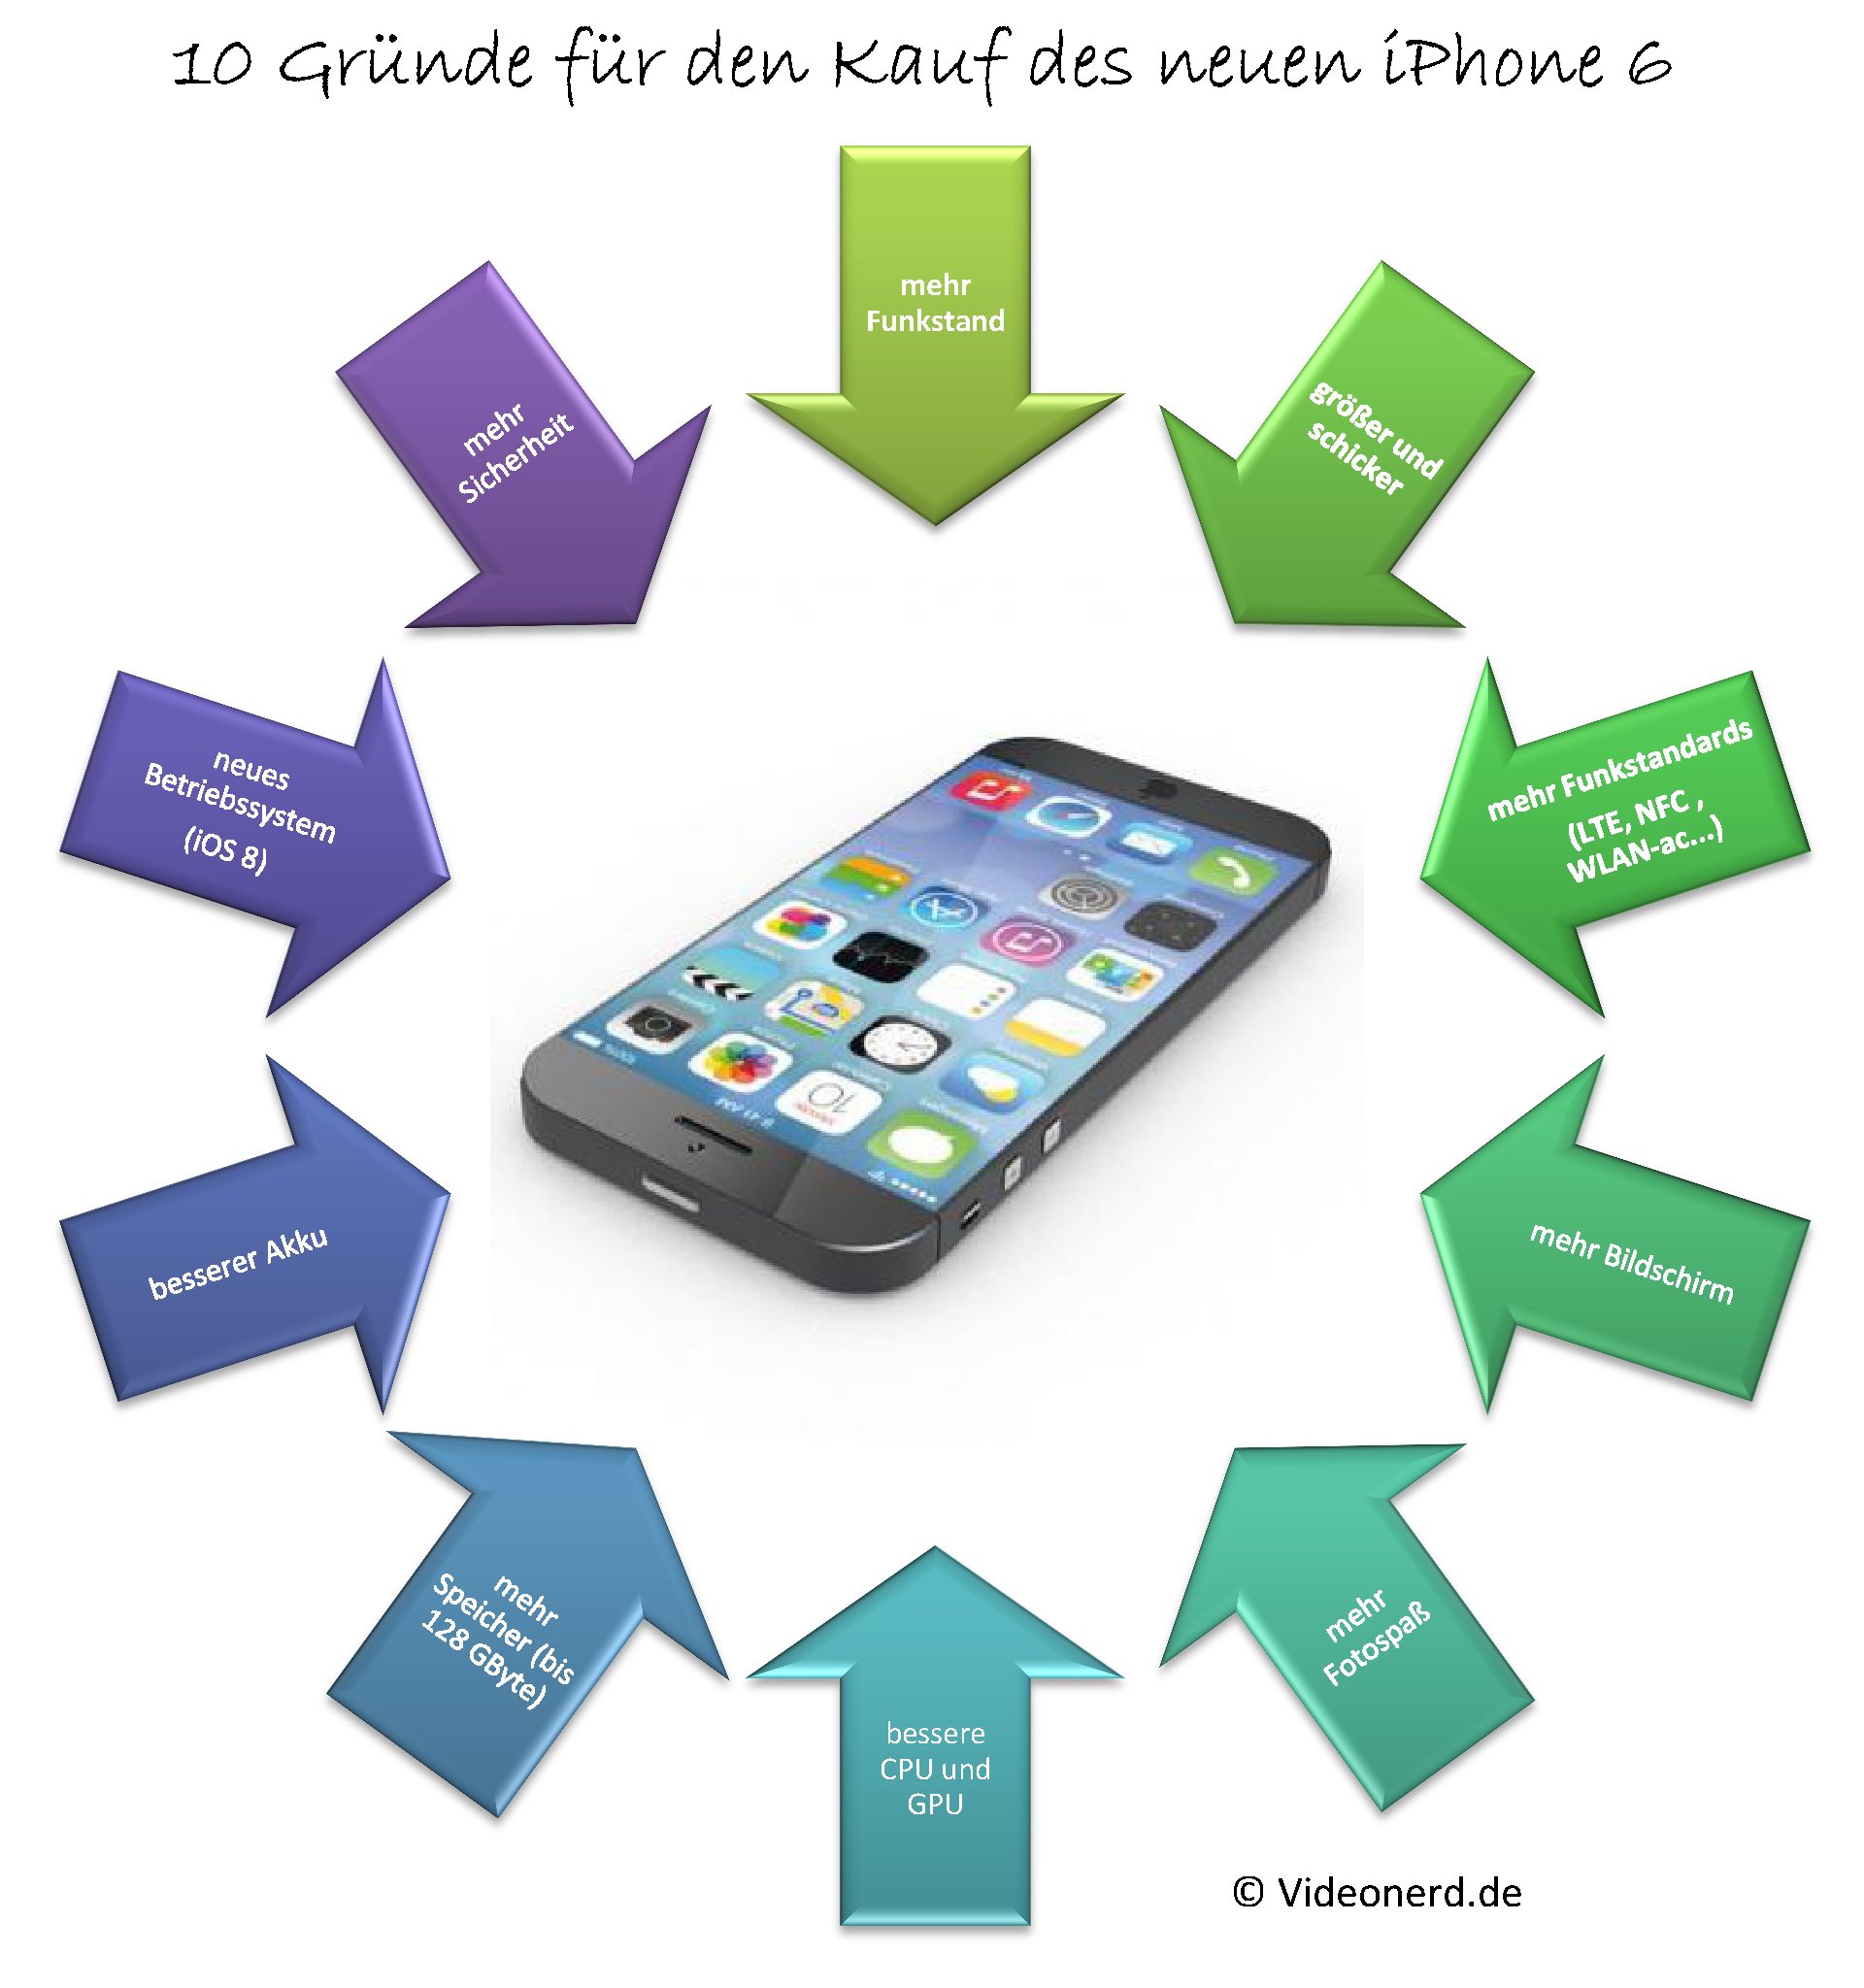 10 Gründe für den Kauf des iPhone 6